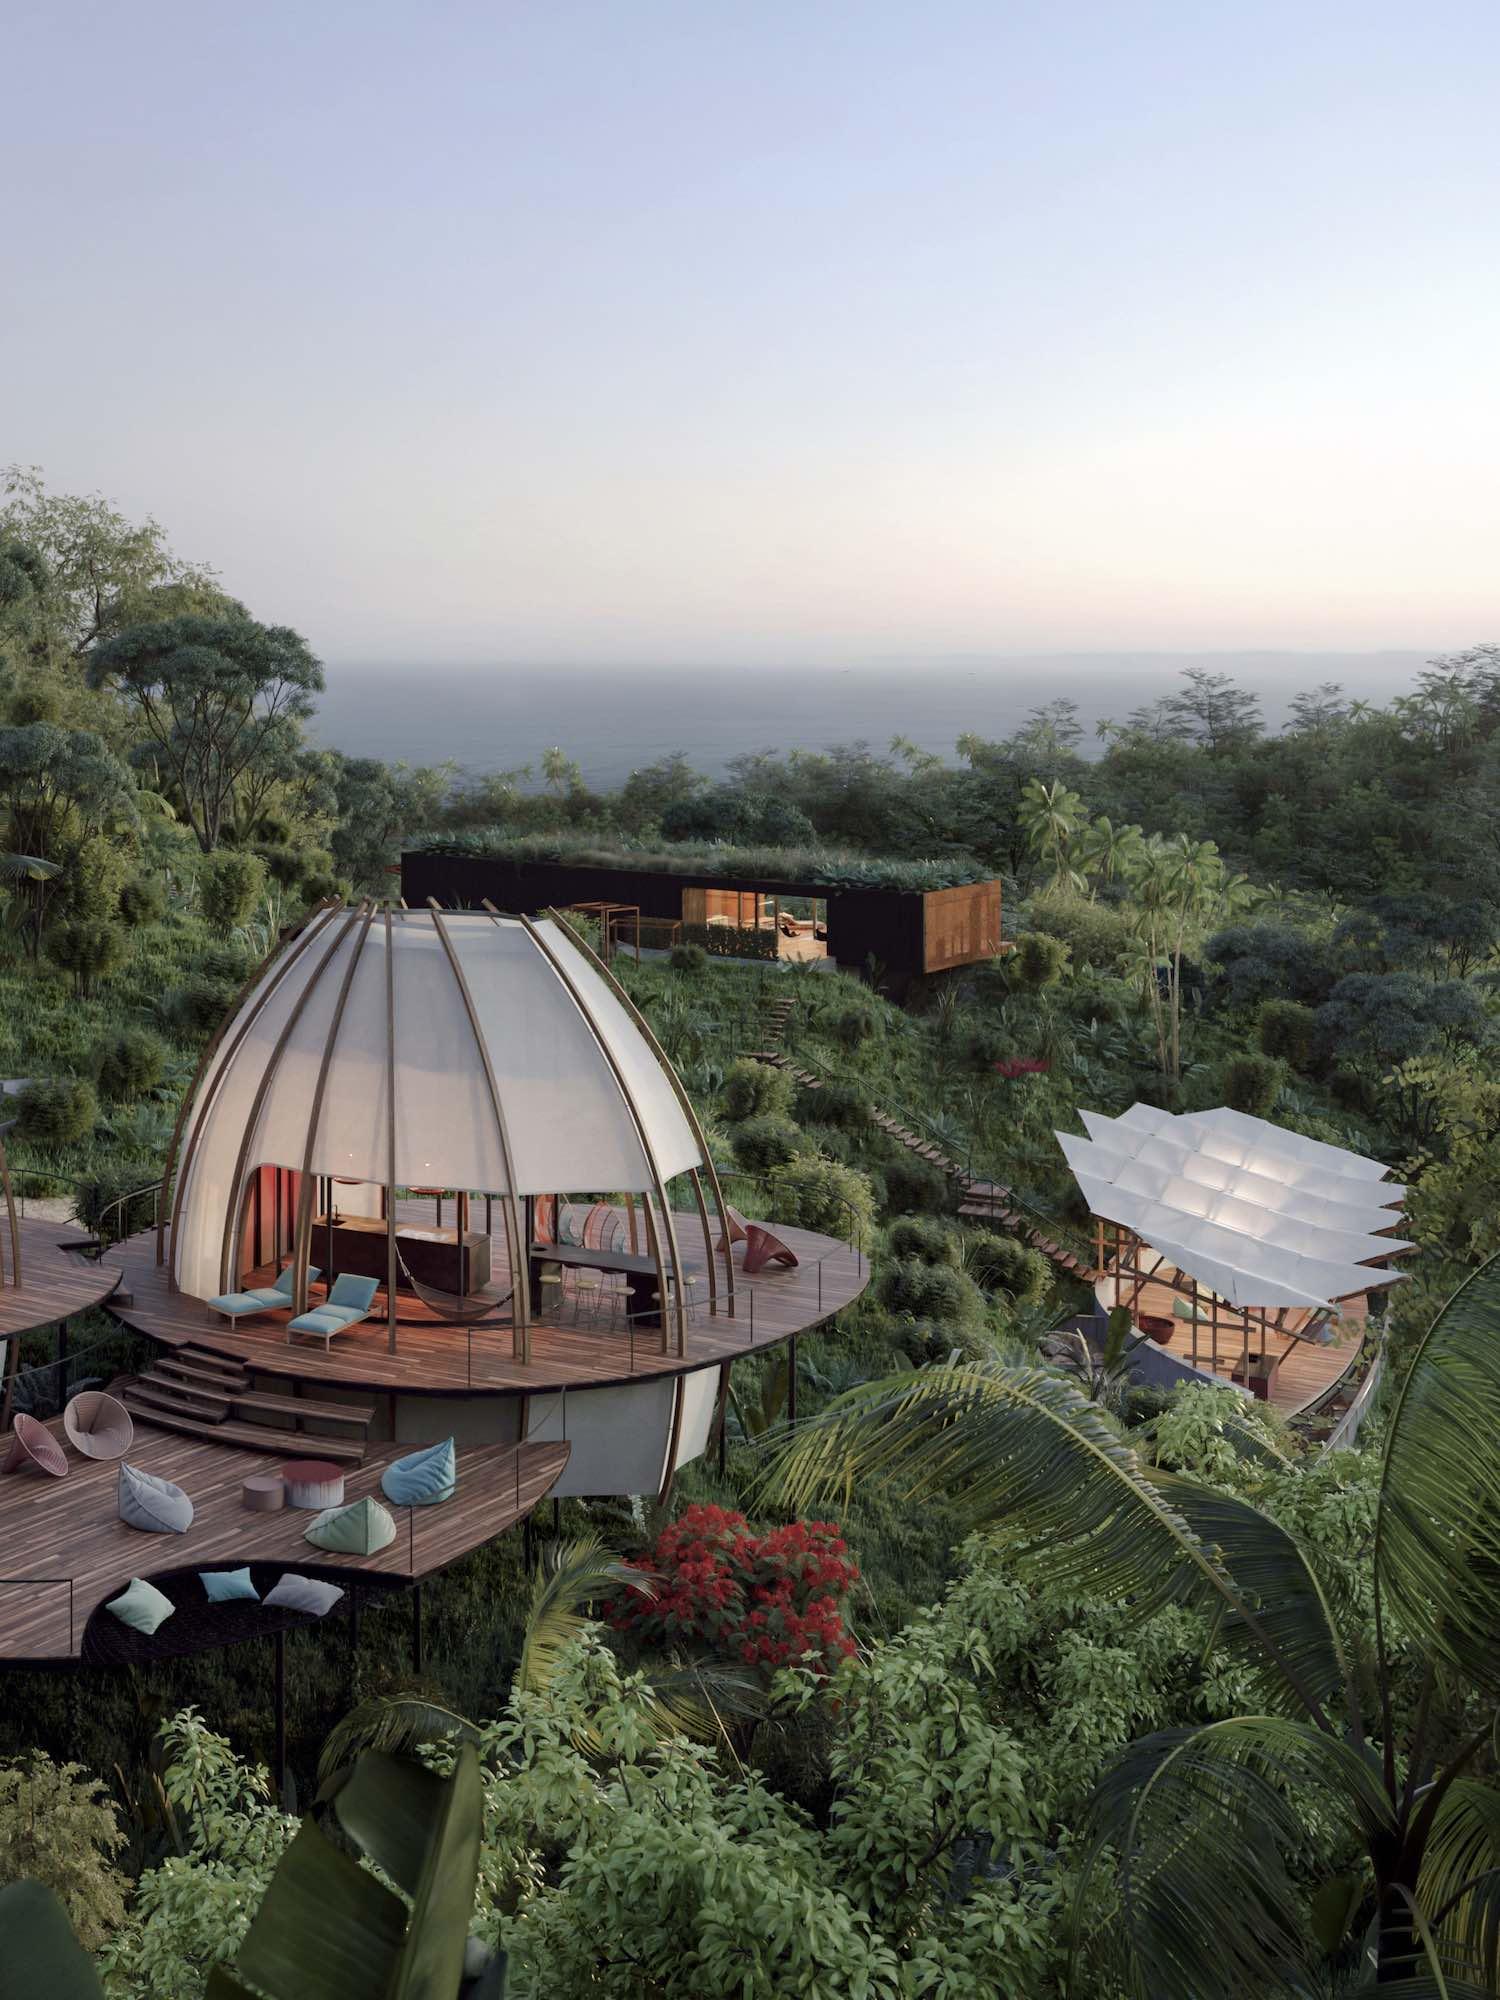 اقامتگاه های بخش Coco به شکل آشیانه های لوکس طراحی شده اند